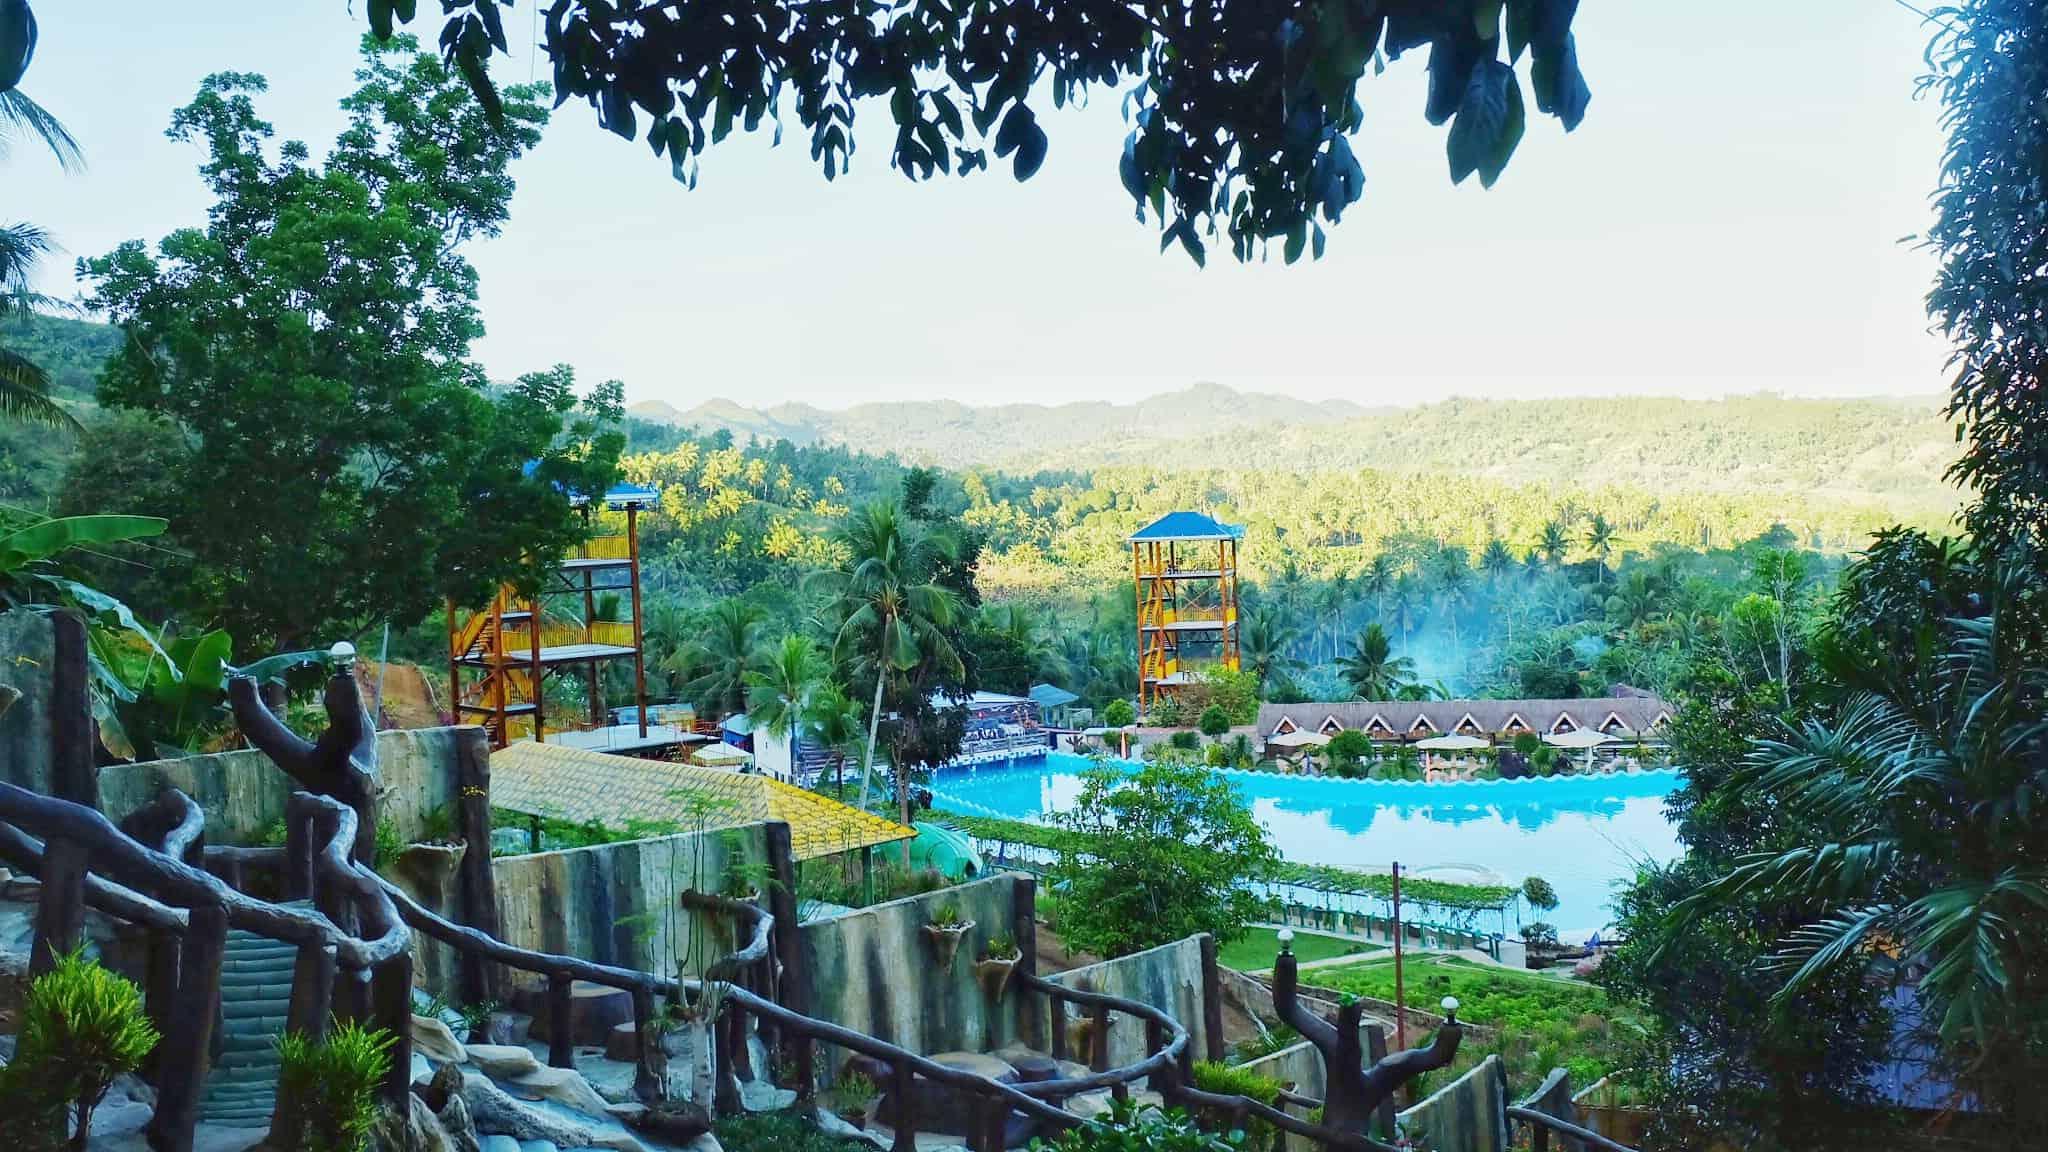 Hidden Valley Wave Pool Resort Pinamungajan Cebu (6)